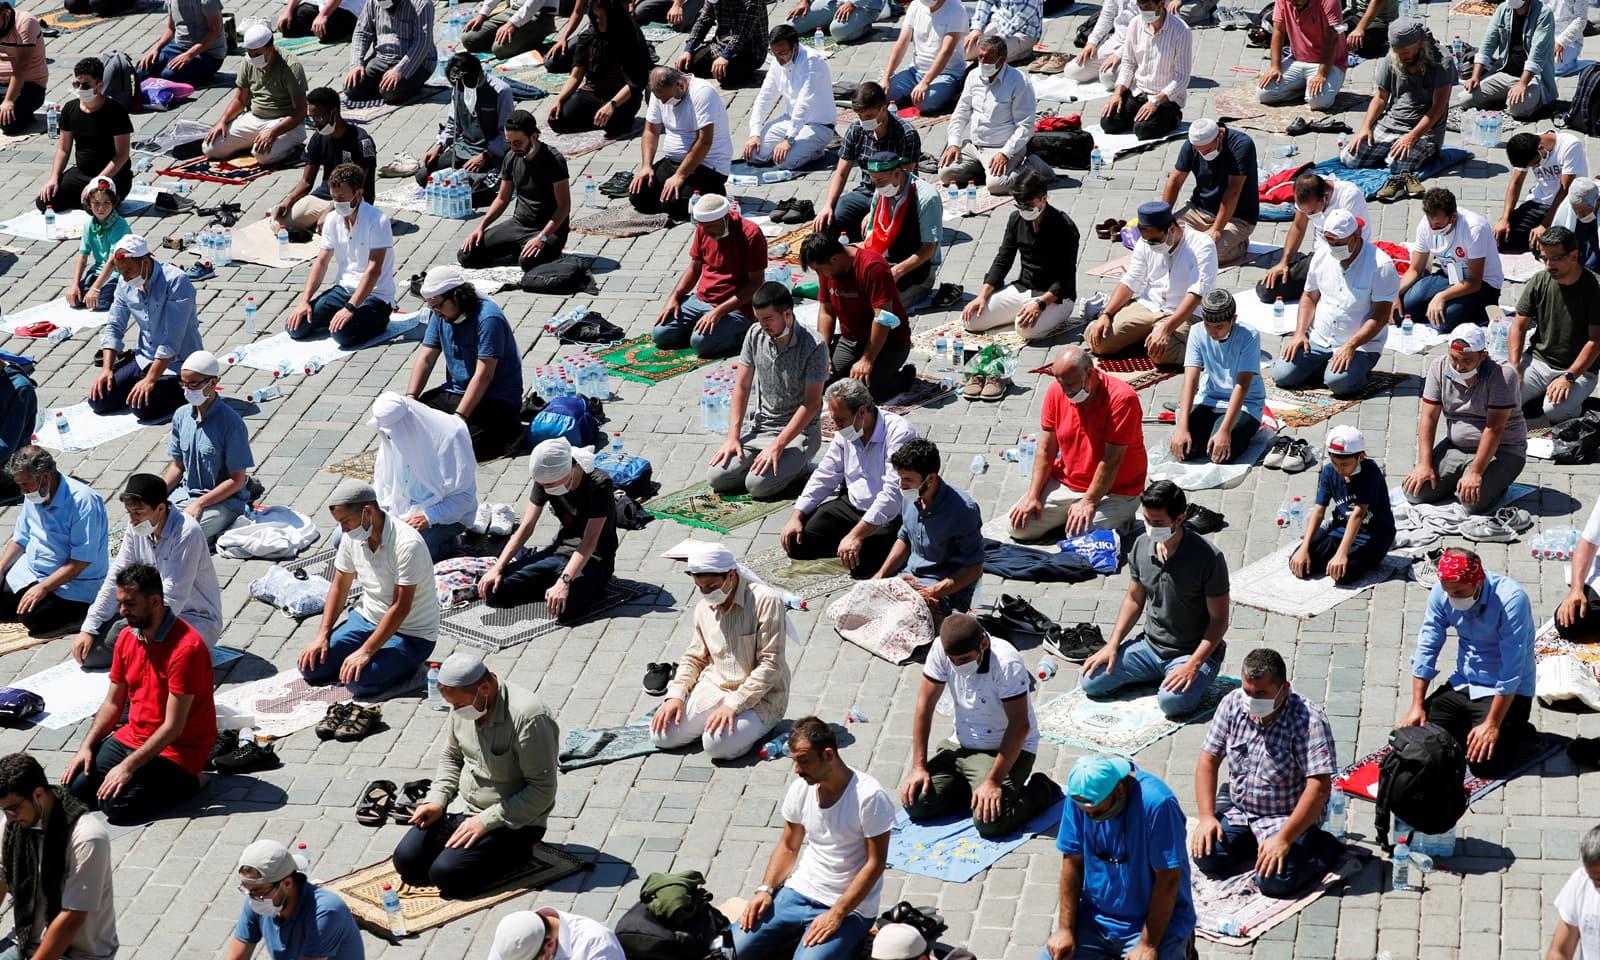 آیا صوفیہ میں نماز جمعہ کی ادائیگی کو دنیا کے متعدد نشریاتی اداروں نے براہ راست دکھایا — فوٹو:رائٹرز